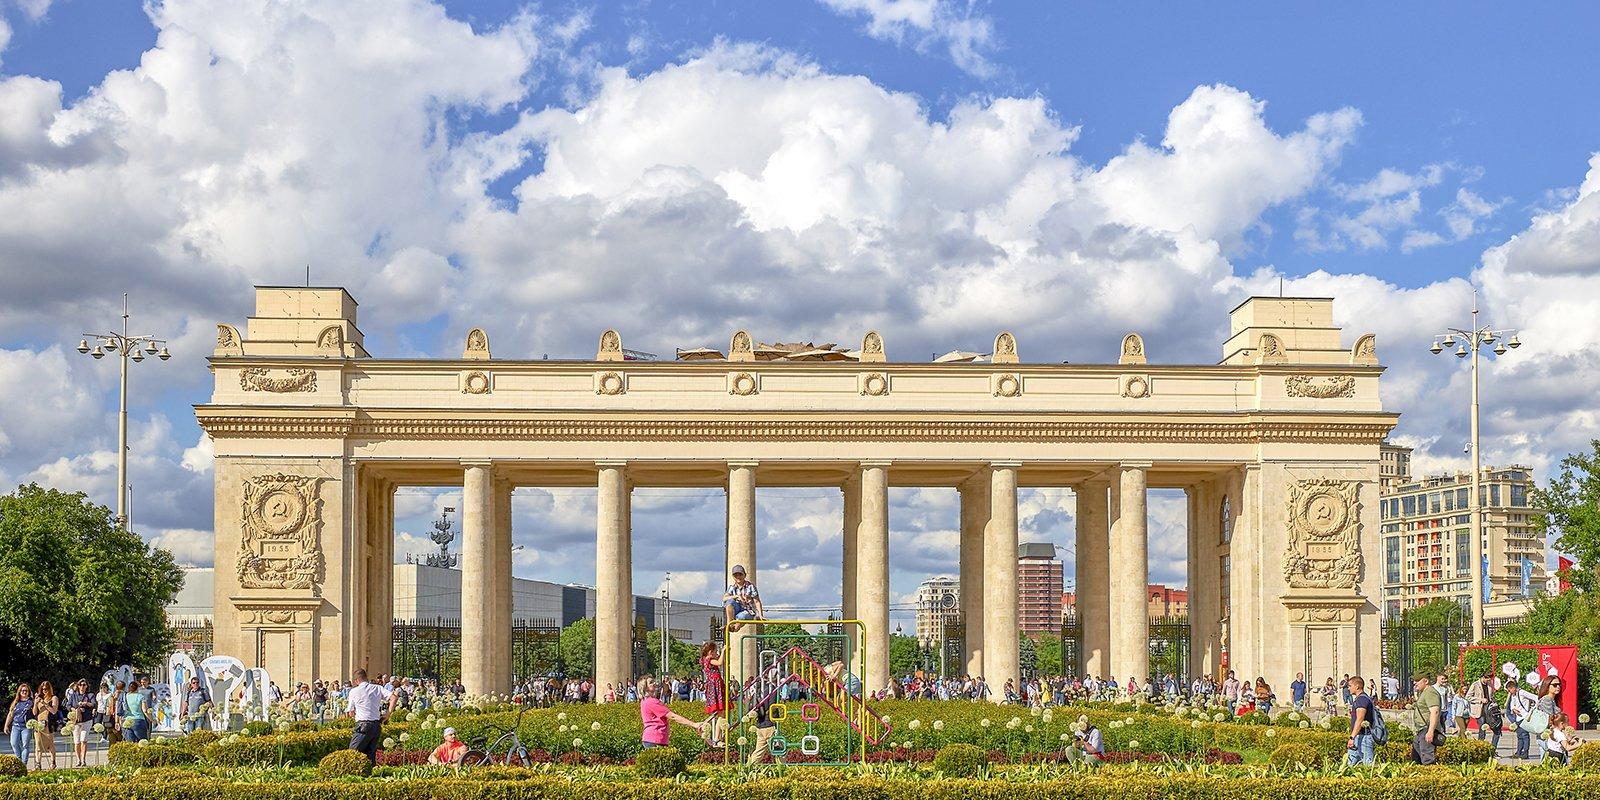 M. Denisov. Mos.ru